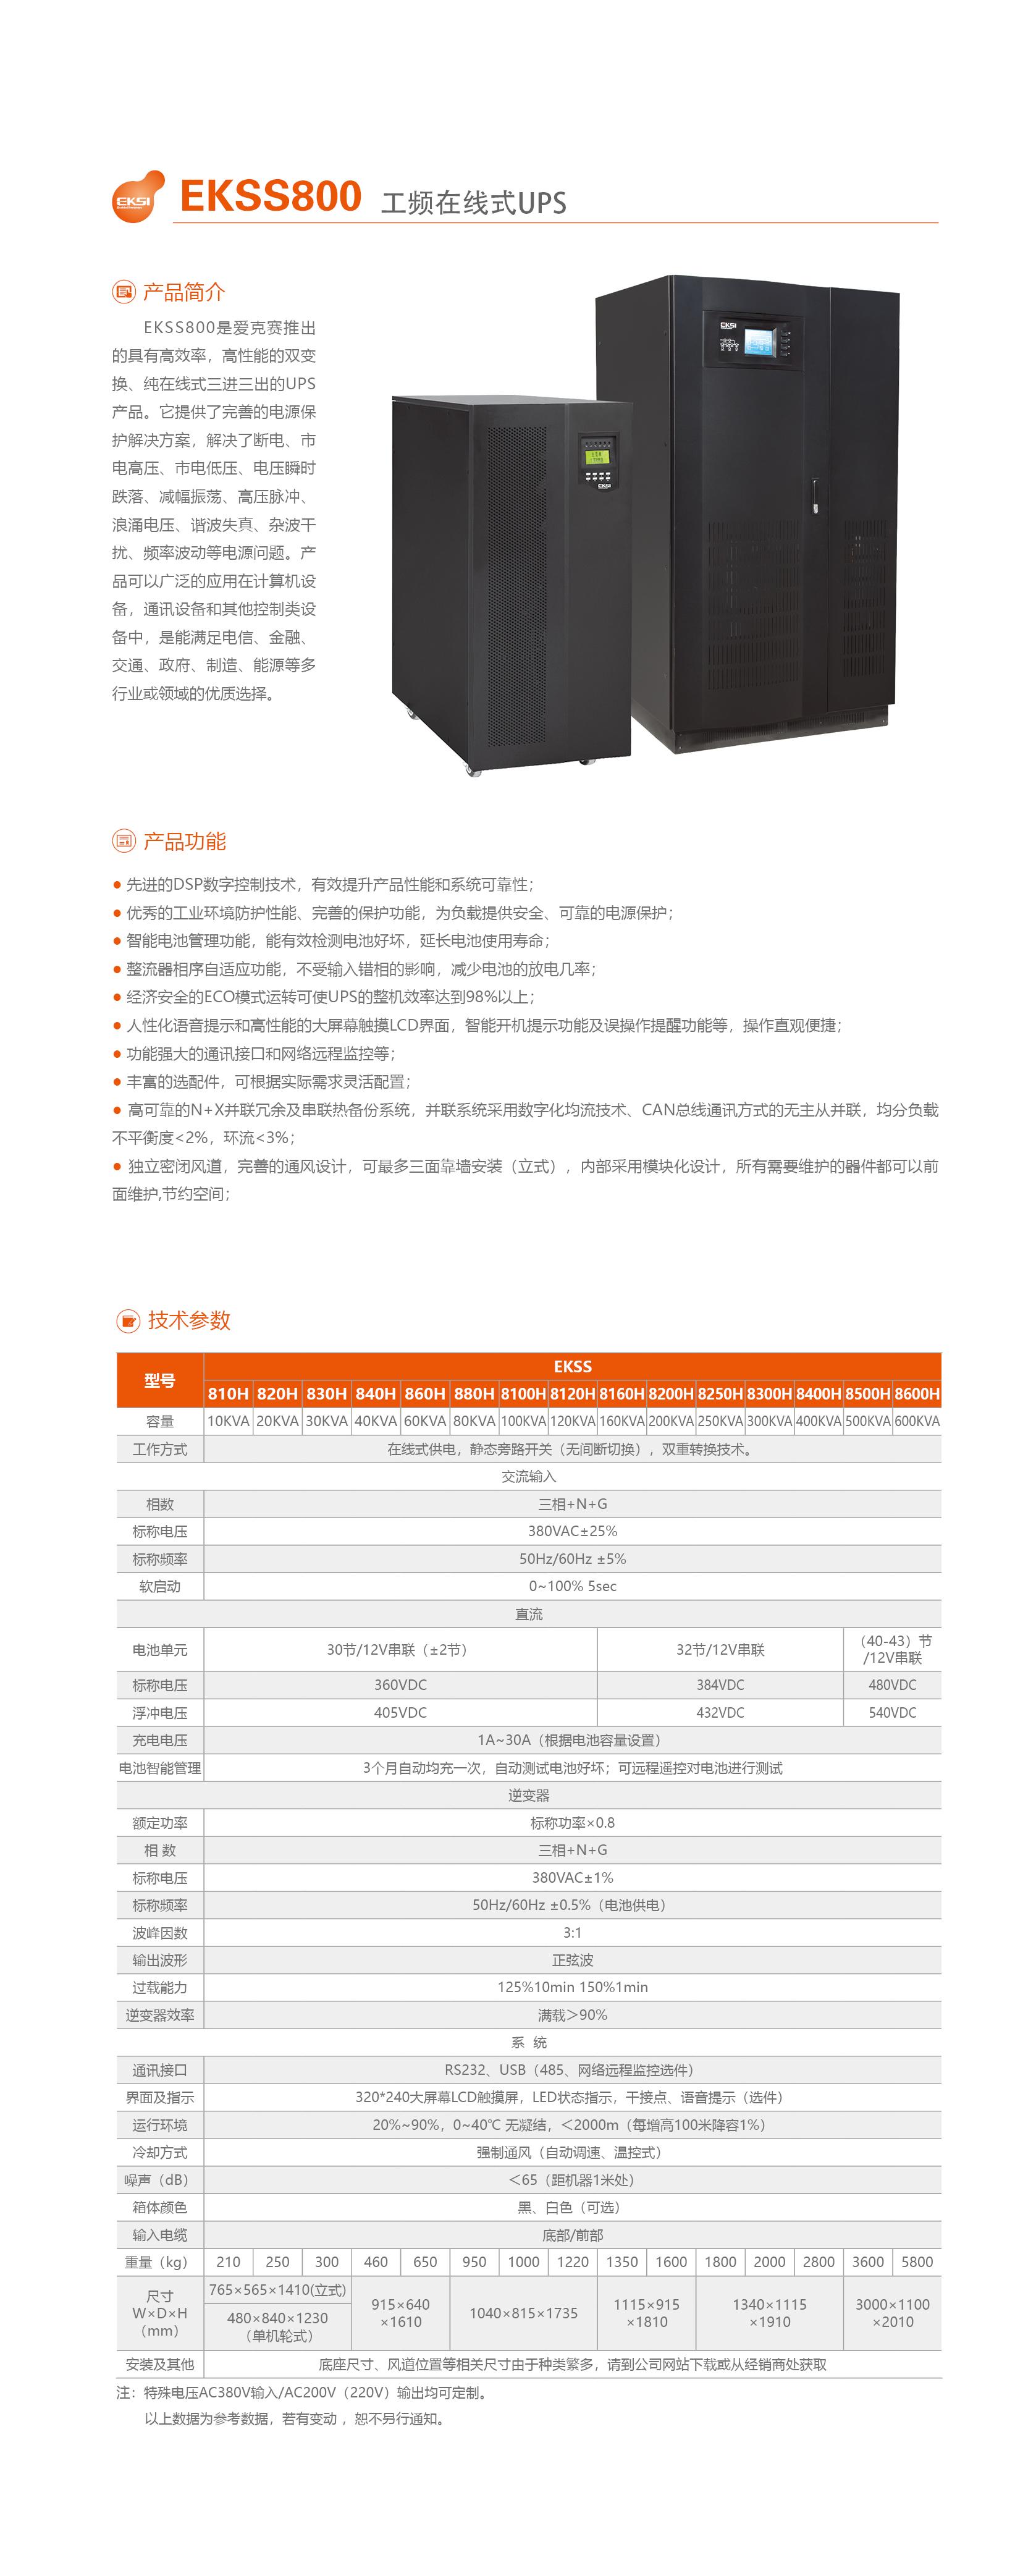 EKSS800.jpg